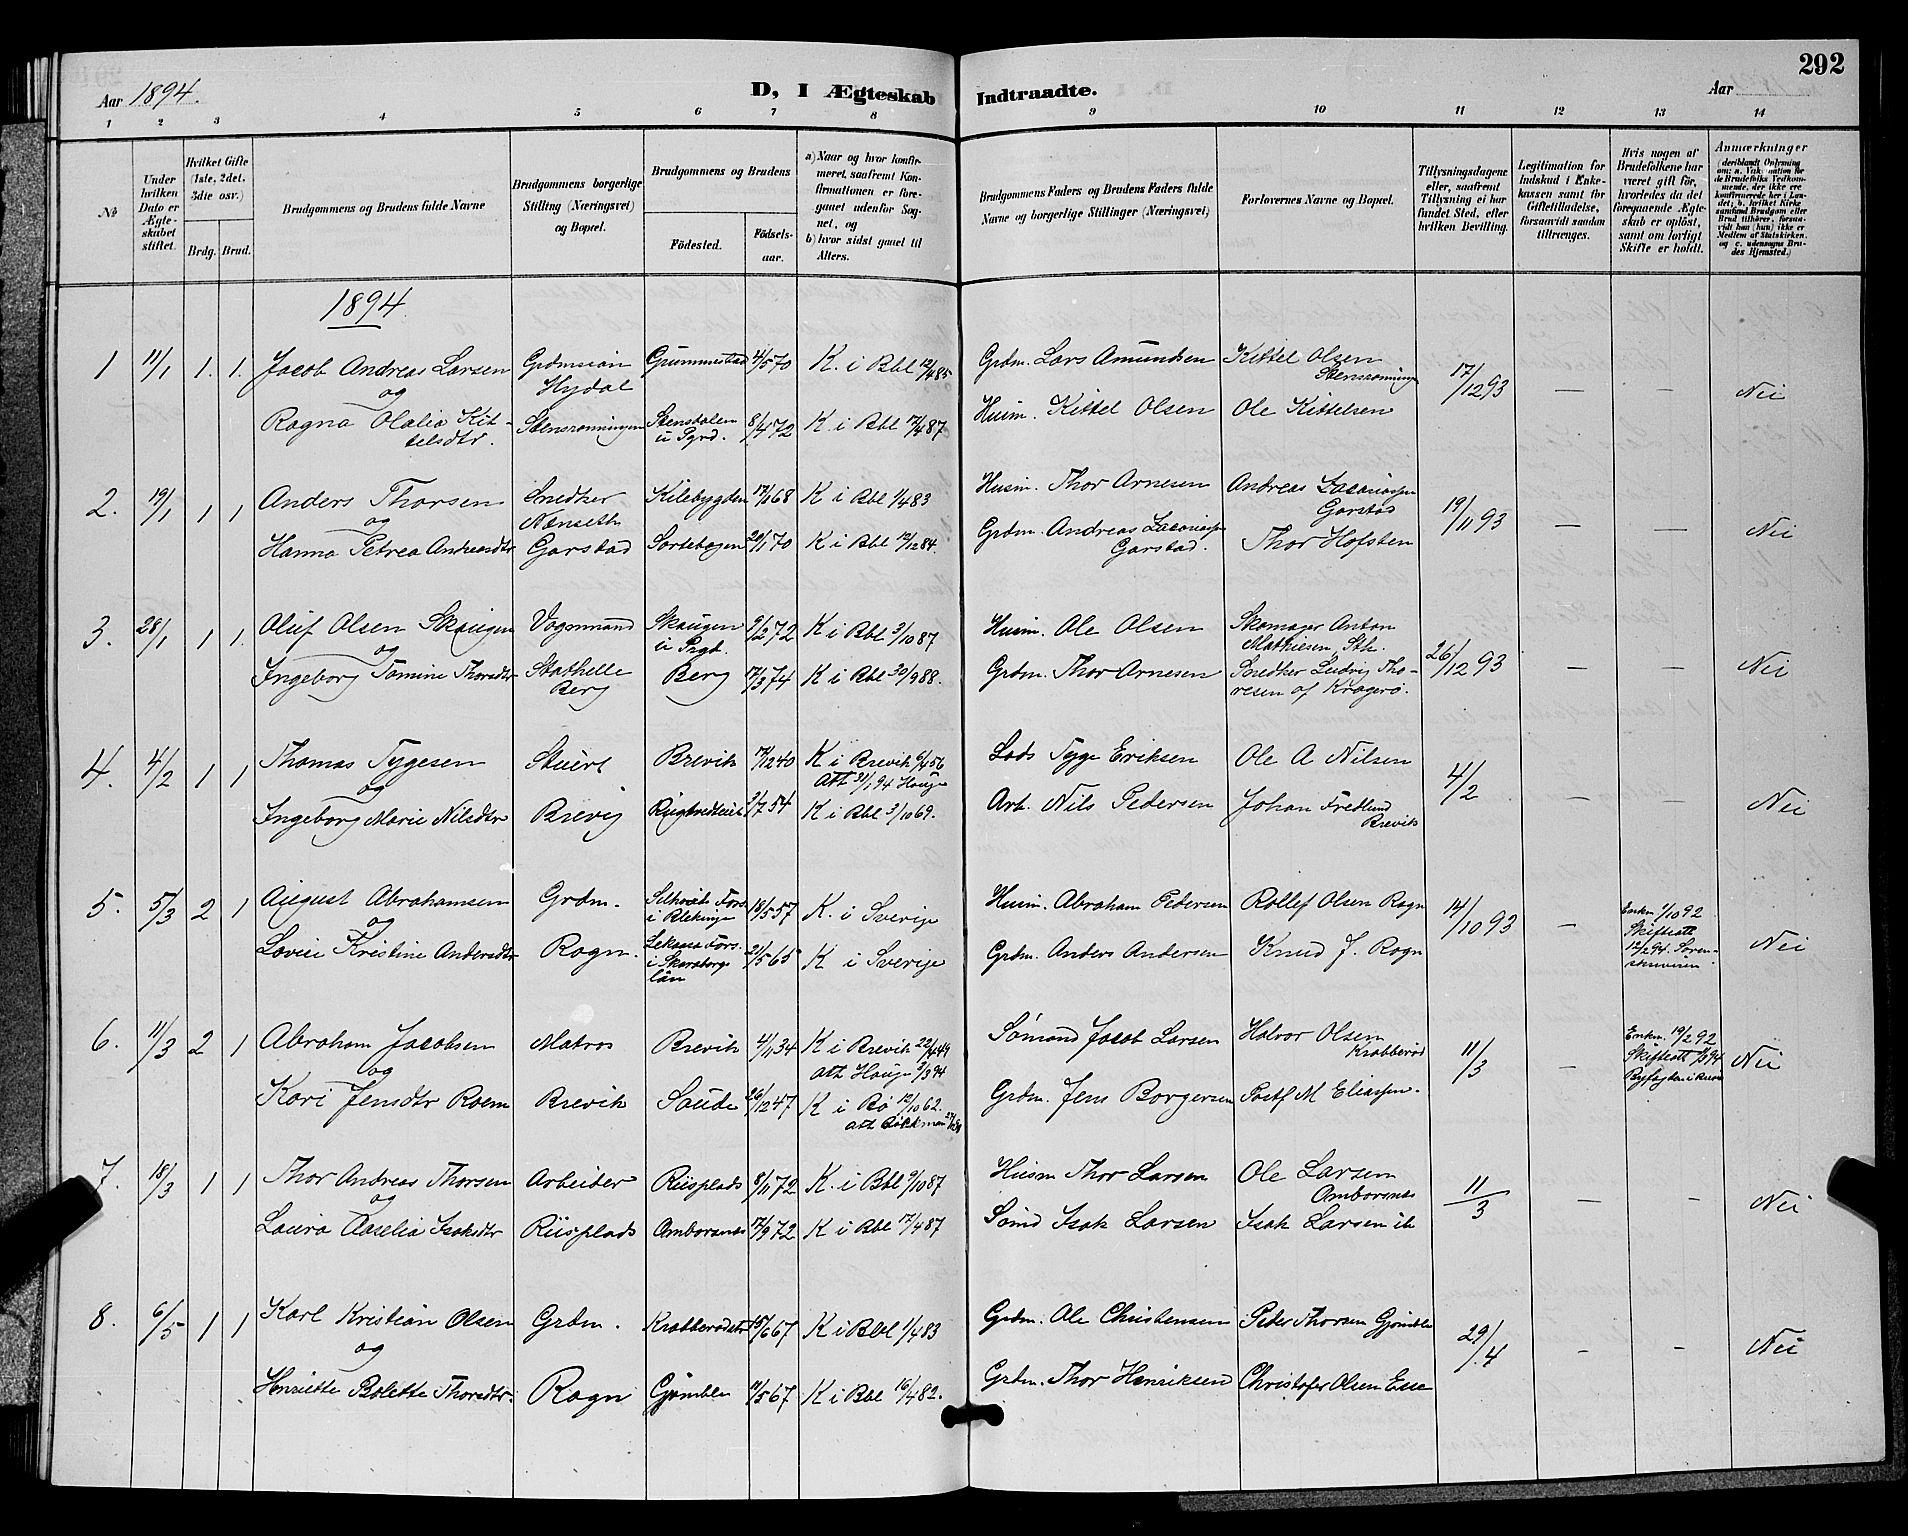 SAKO, Bamble kirkebøker, G/Ga/L0009: Klokkerbok nr. I 9, 1888-1900, s. 292